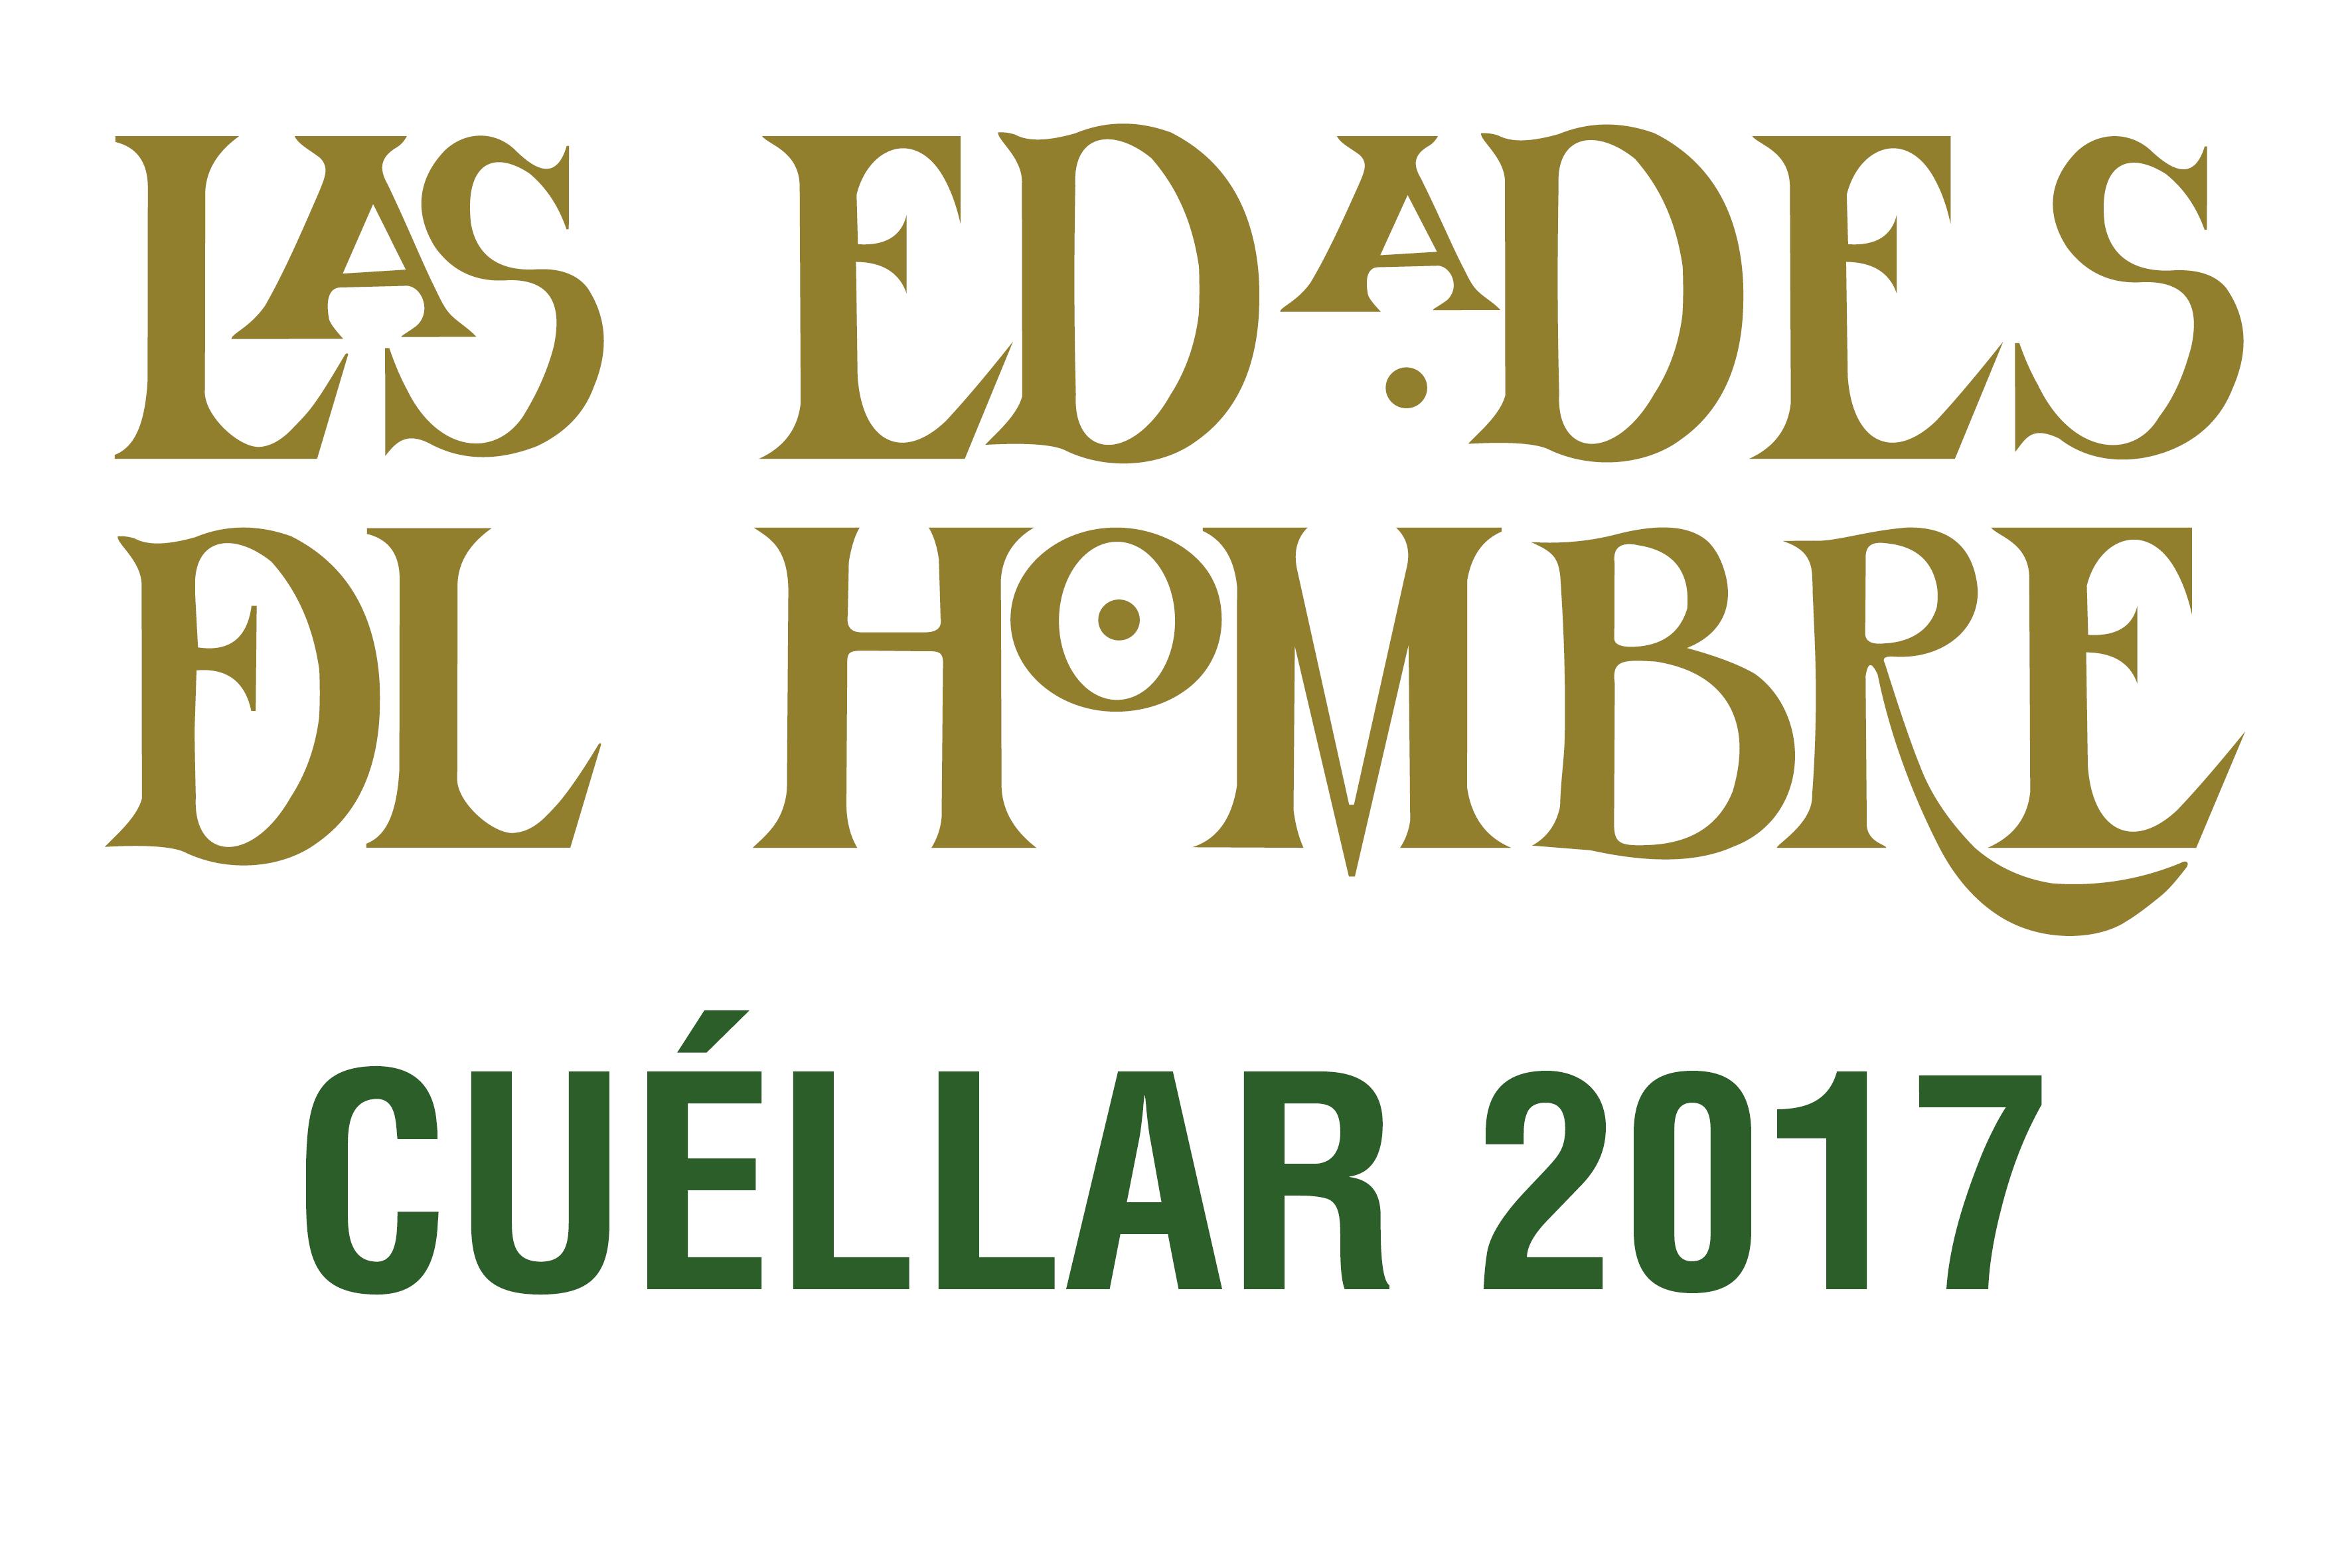 Cuéllar, logo di Las Edades del Hombre, 2017